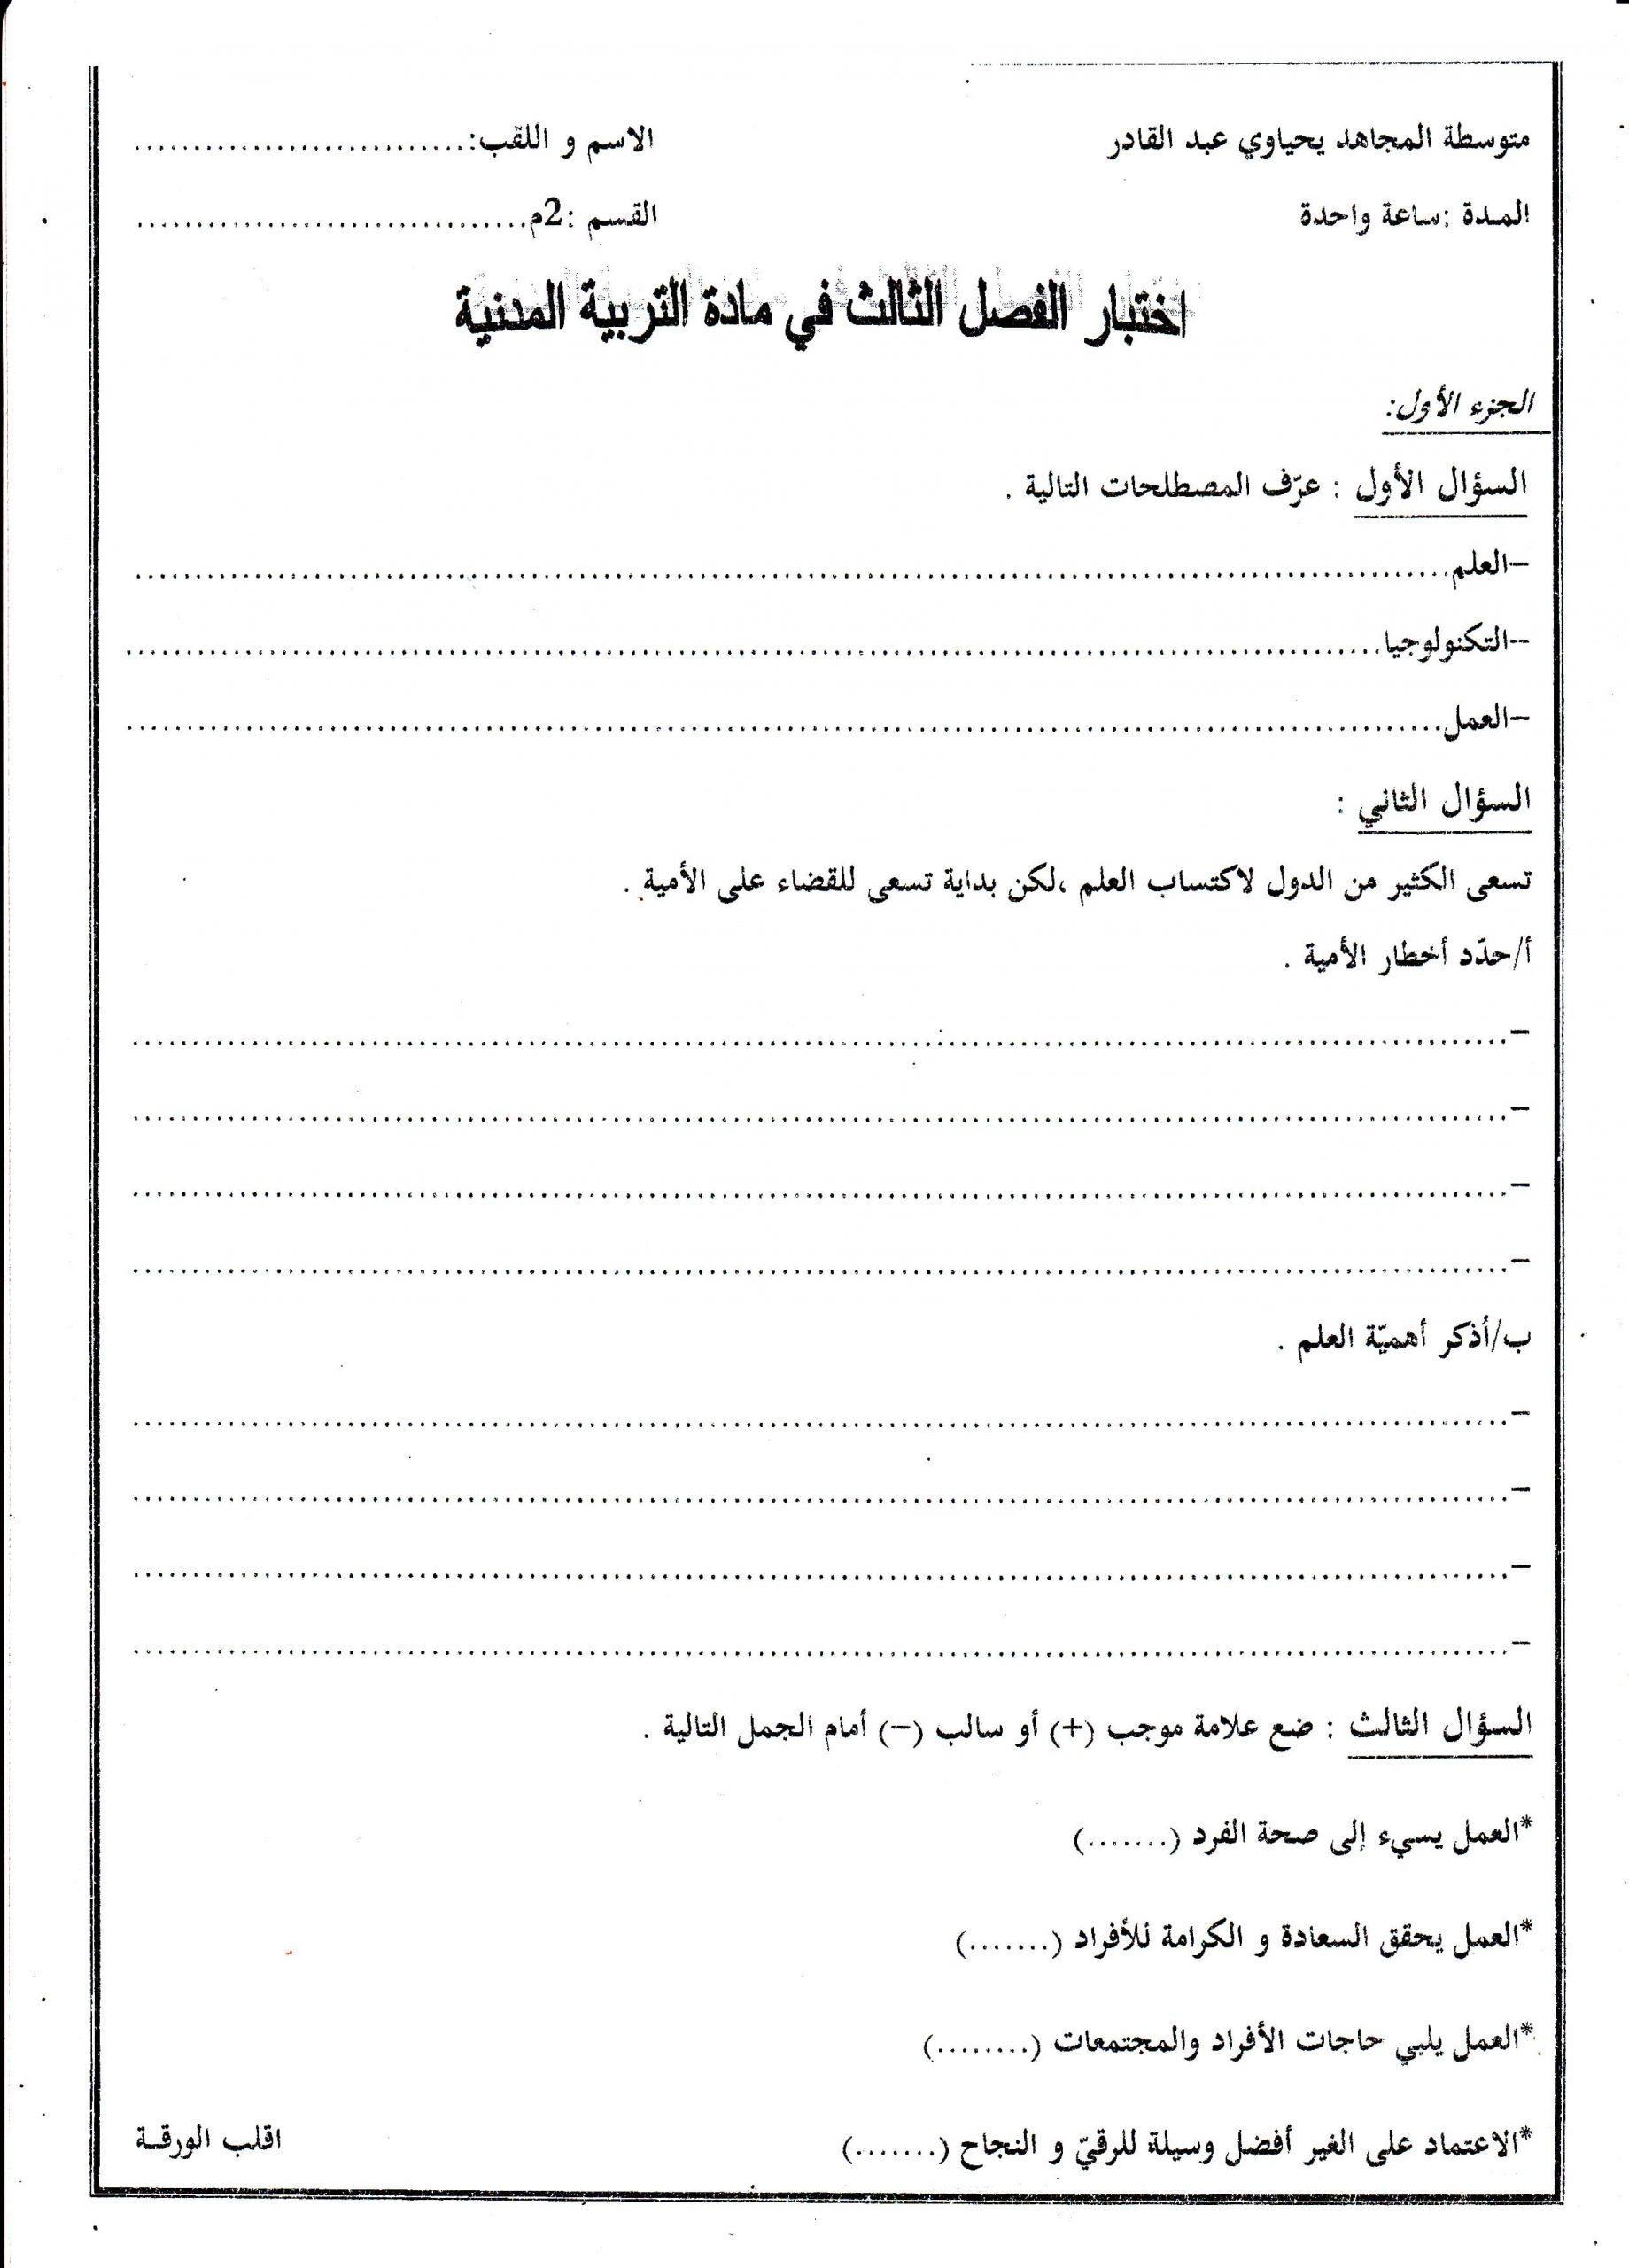 اختبار الفصل الثالث في التربية المدنية السنة الثانية متوسط | الموضوع 04